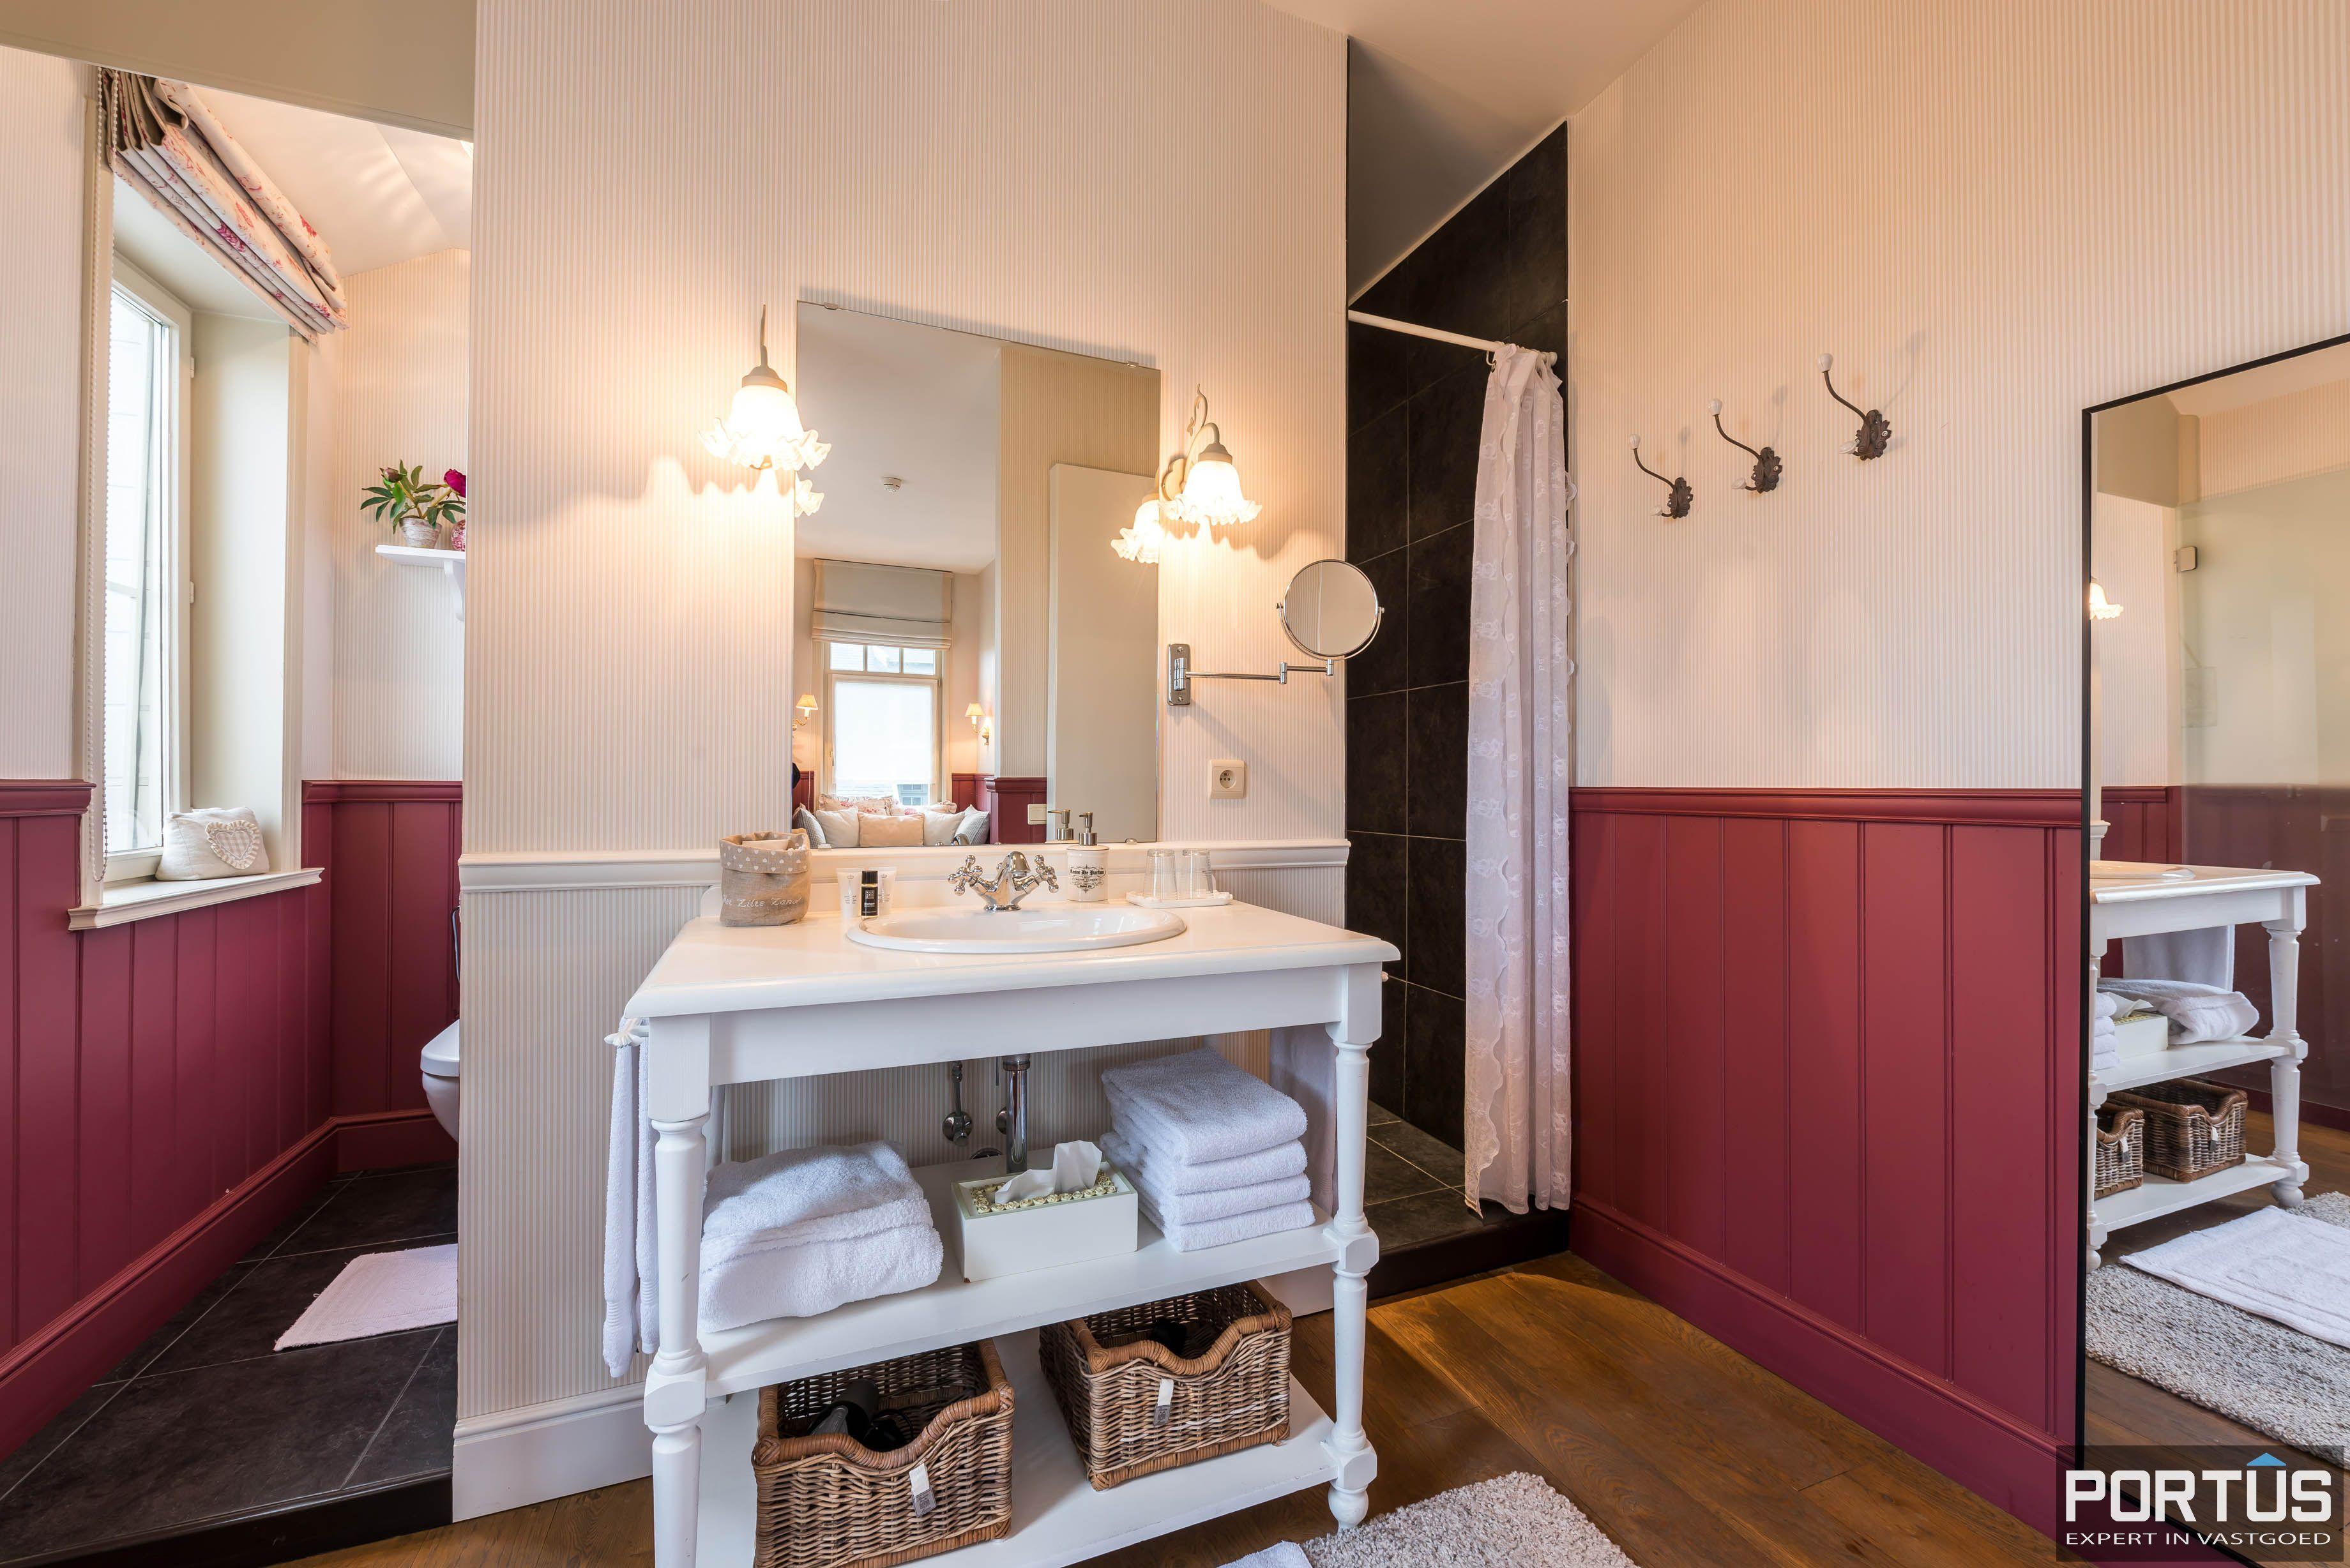 Villa/B&B te koop Westende met 6 slaapkamers - 5451